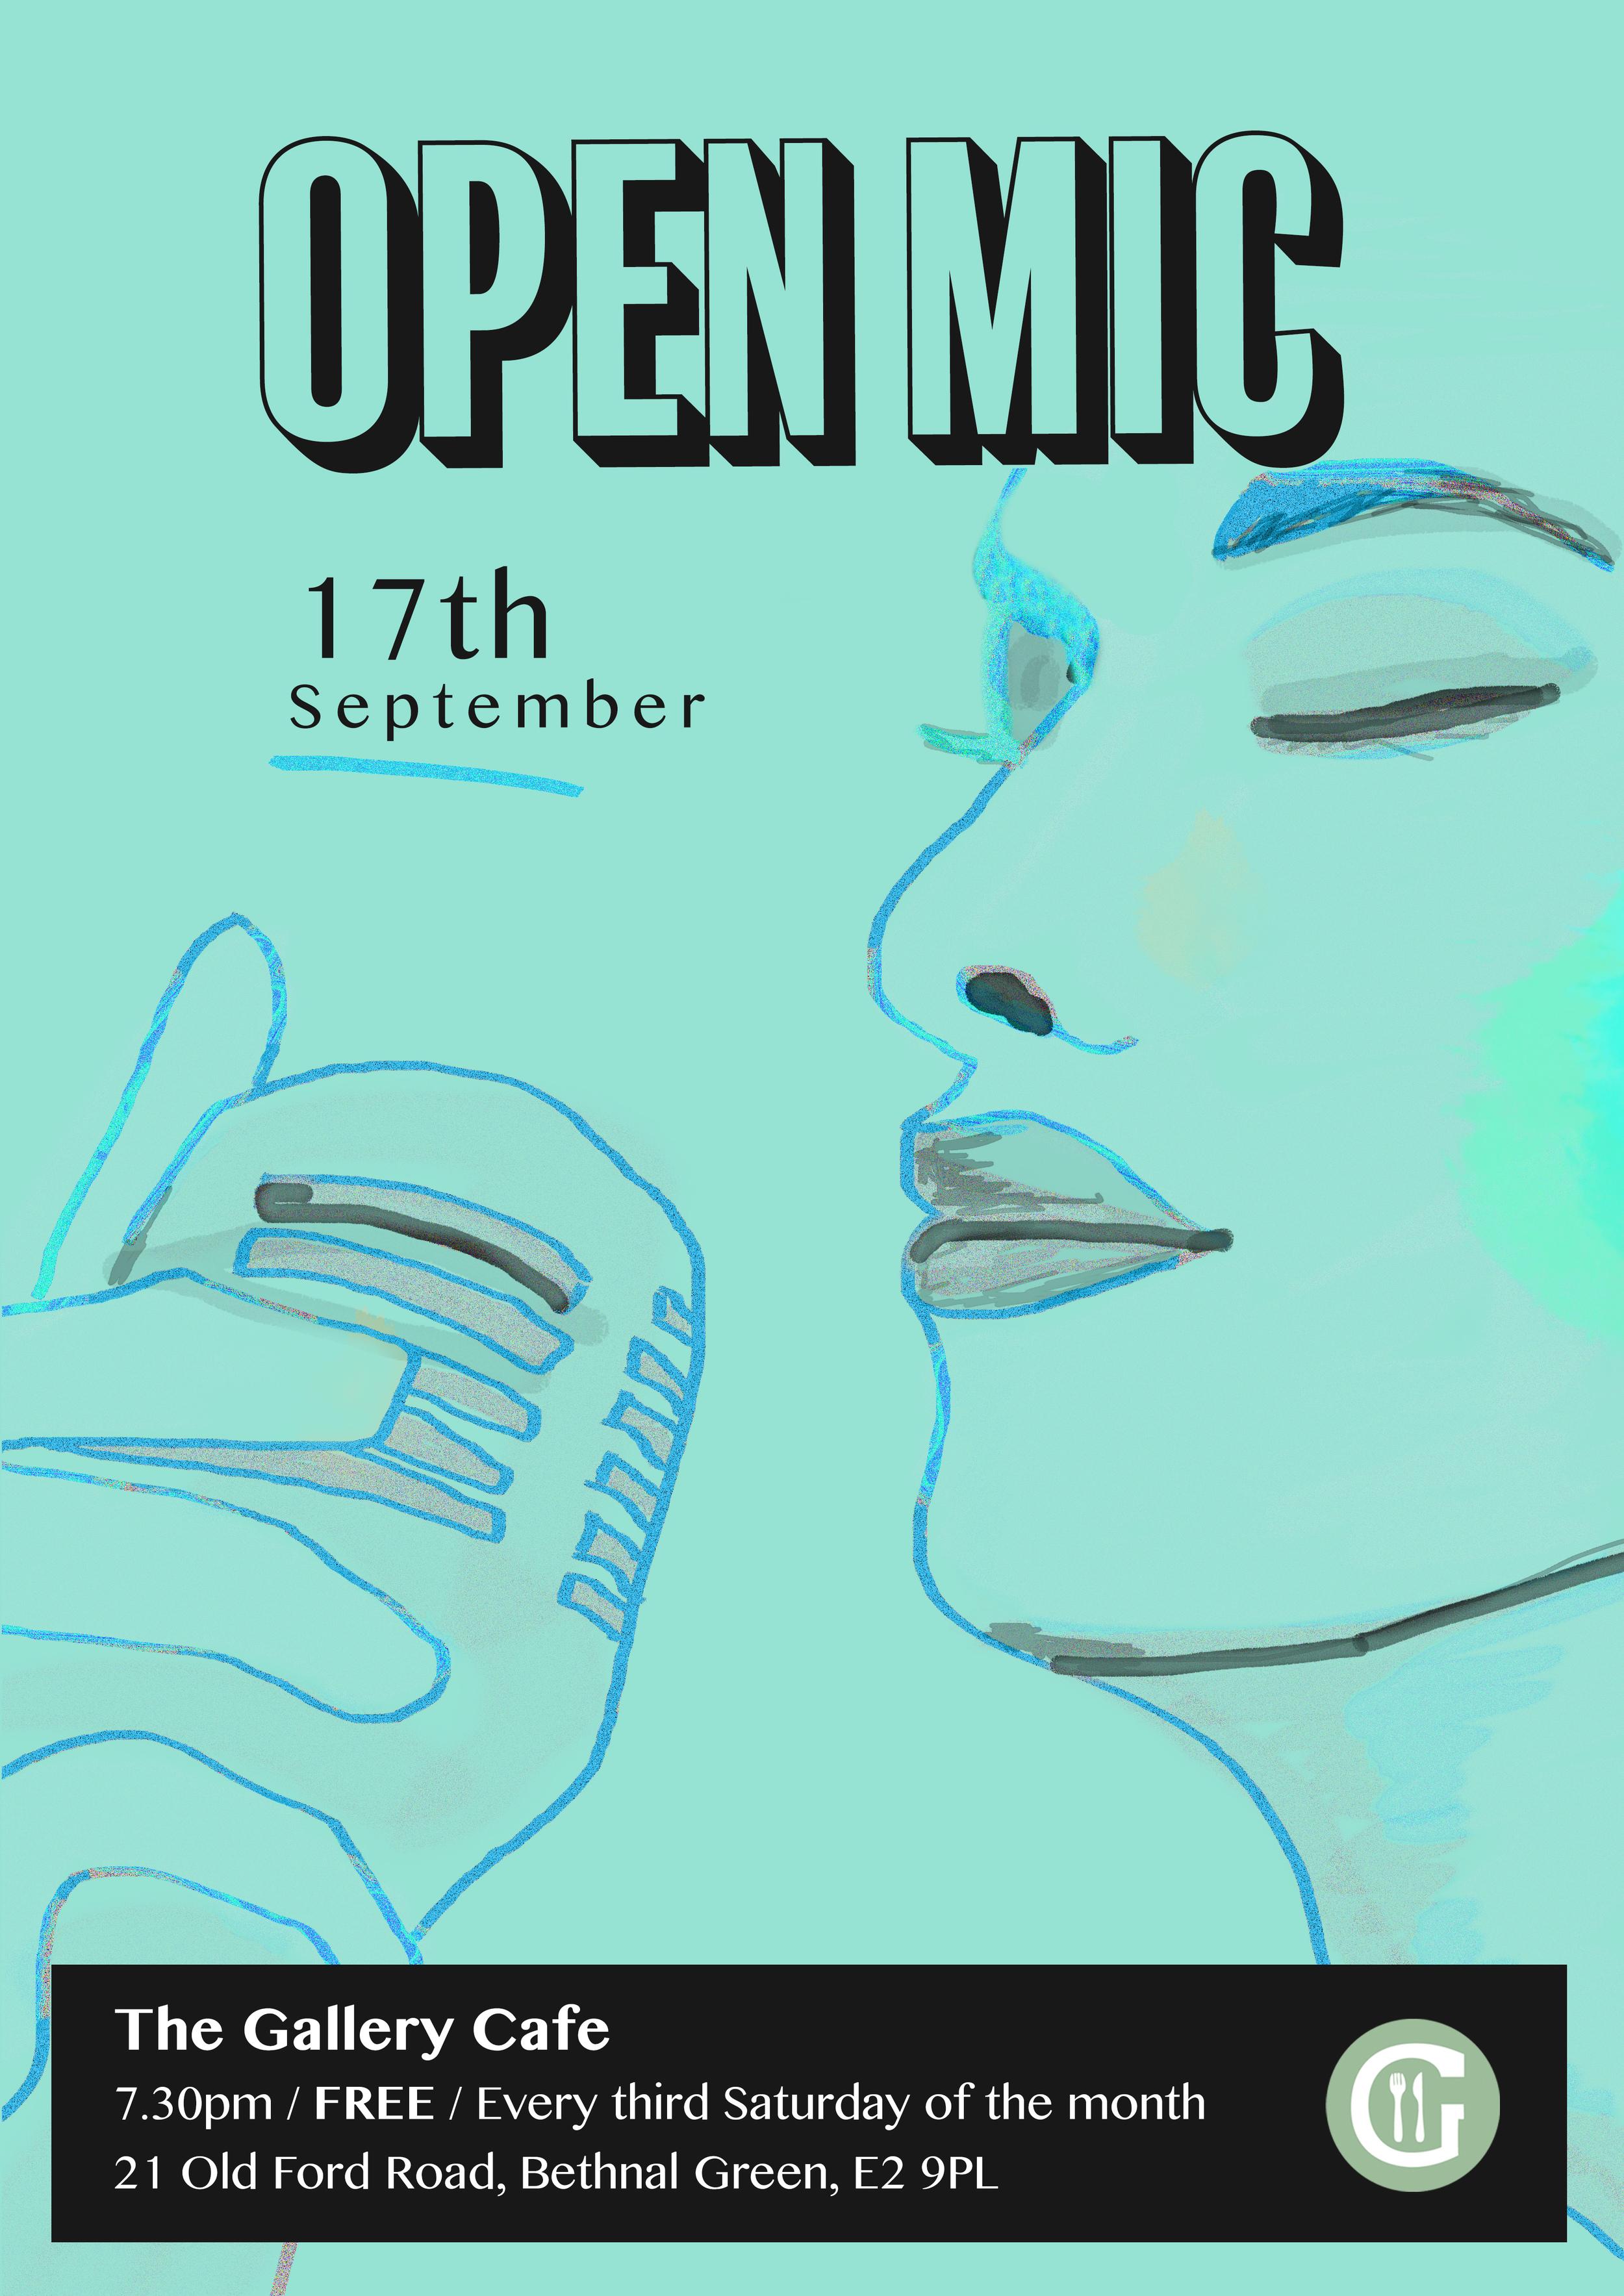 open mic september poster.jpg